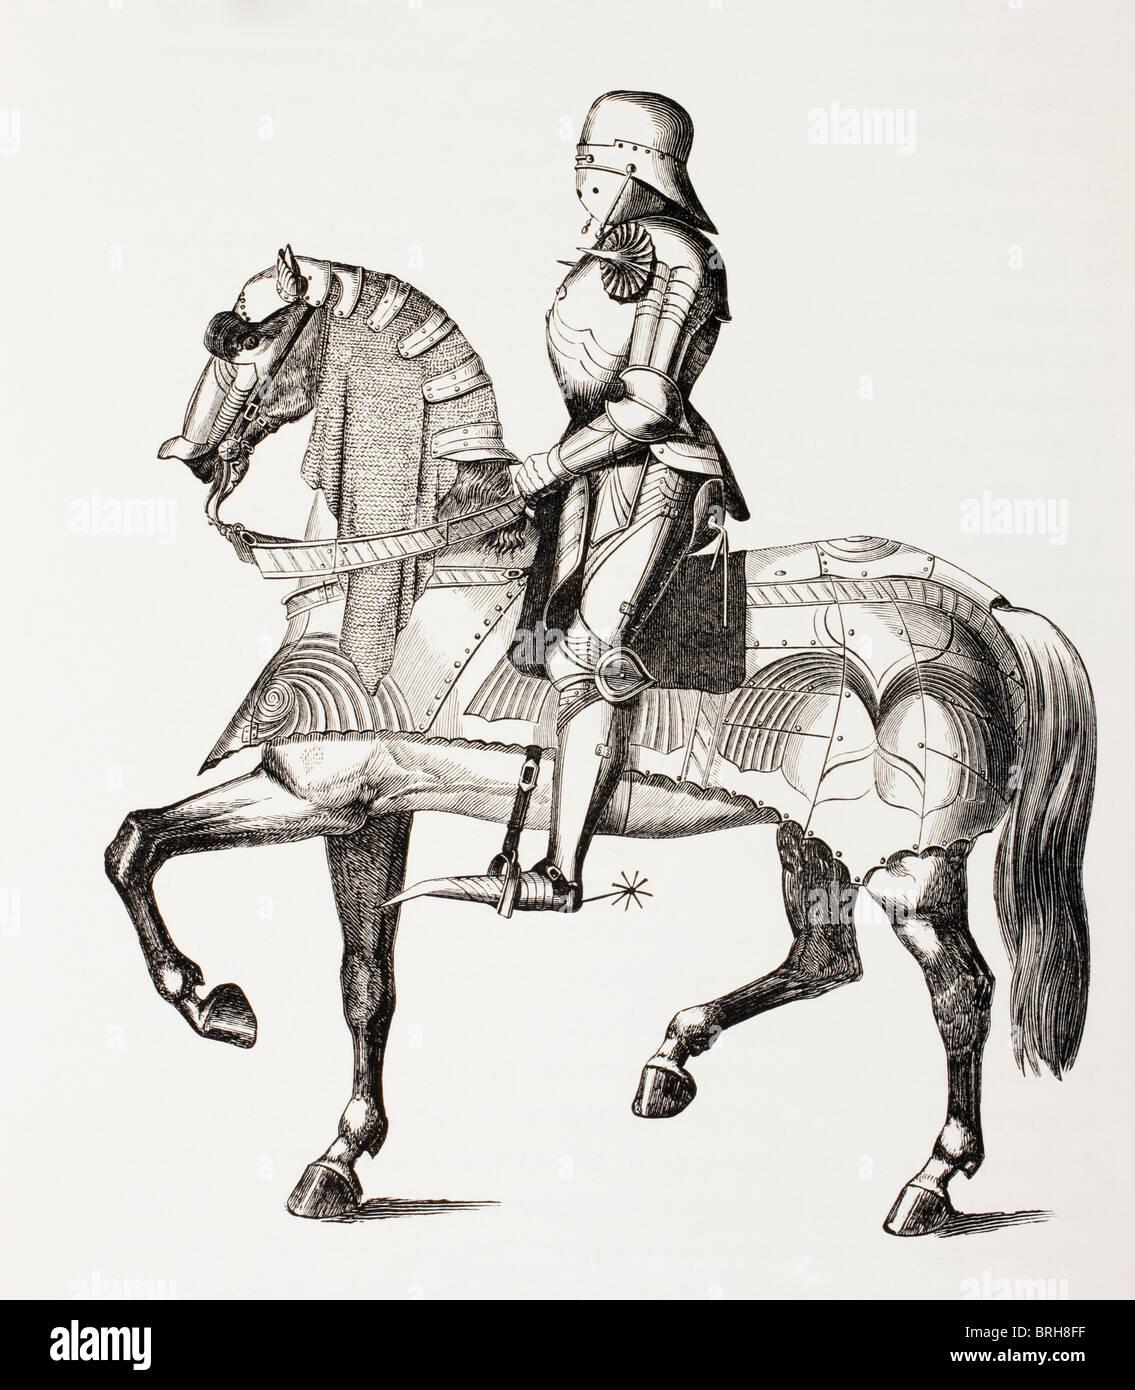 15. Jahrhundert Ritter in voller Rüstung auf Pferd, gekleidet in Rüstung montiert. Stockbild